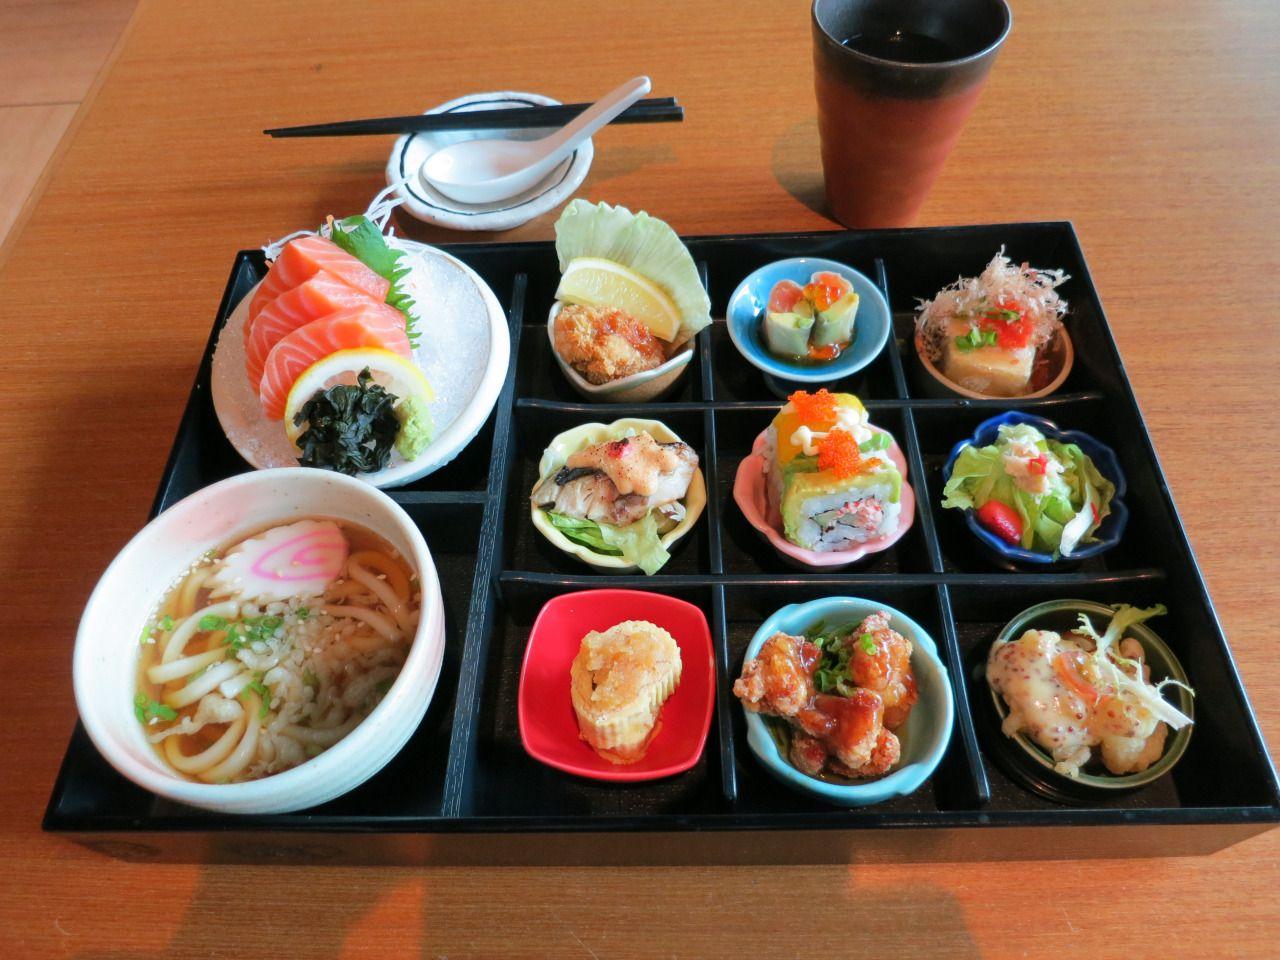 Anime & Manga! Food, Sushi bake, Bento box